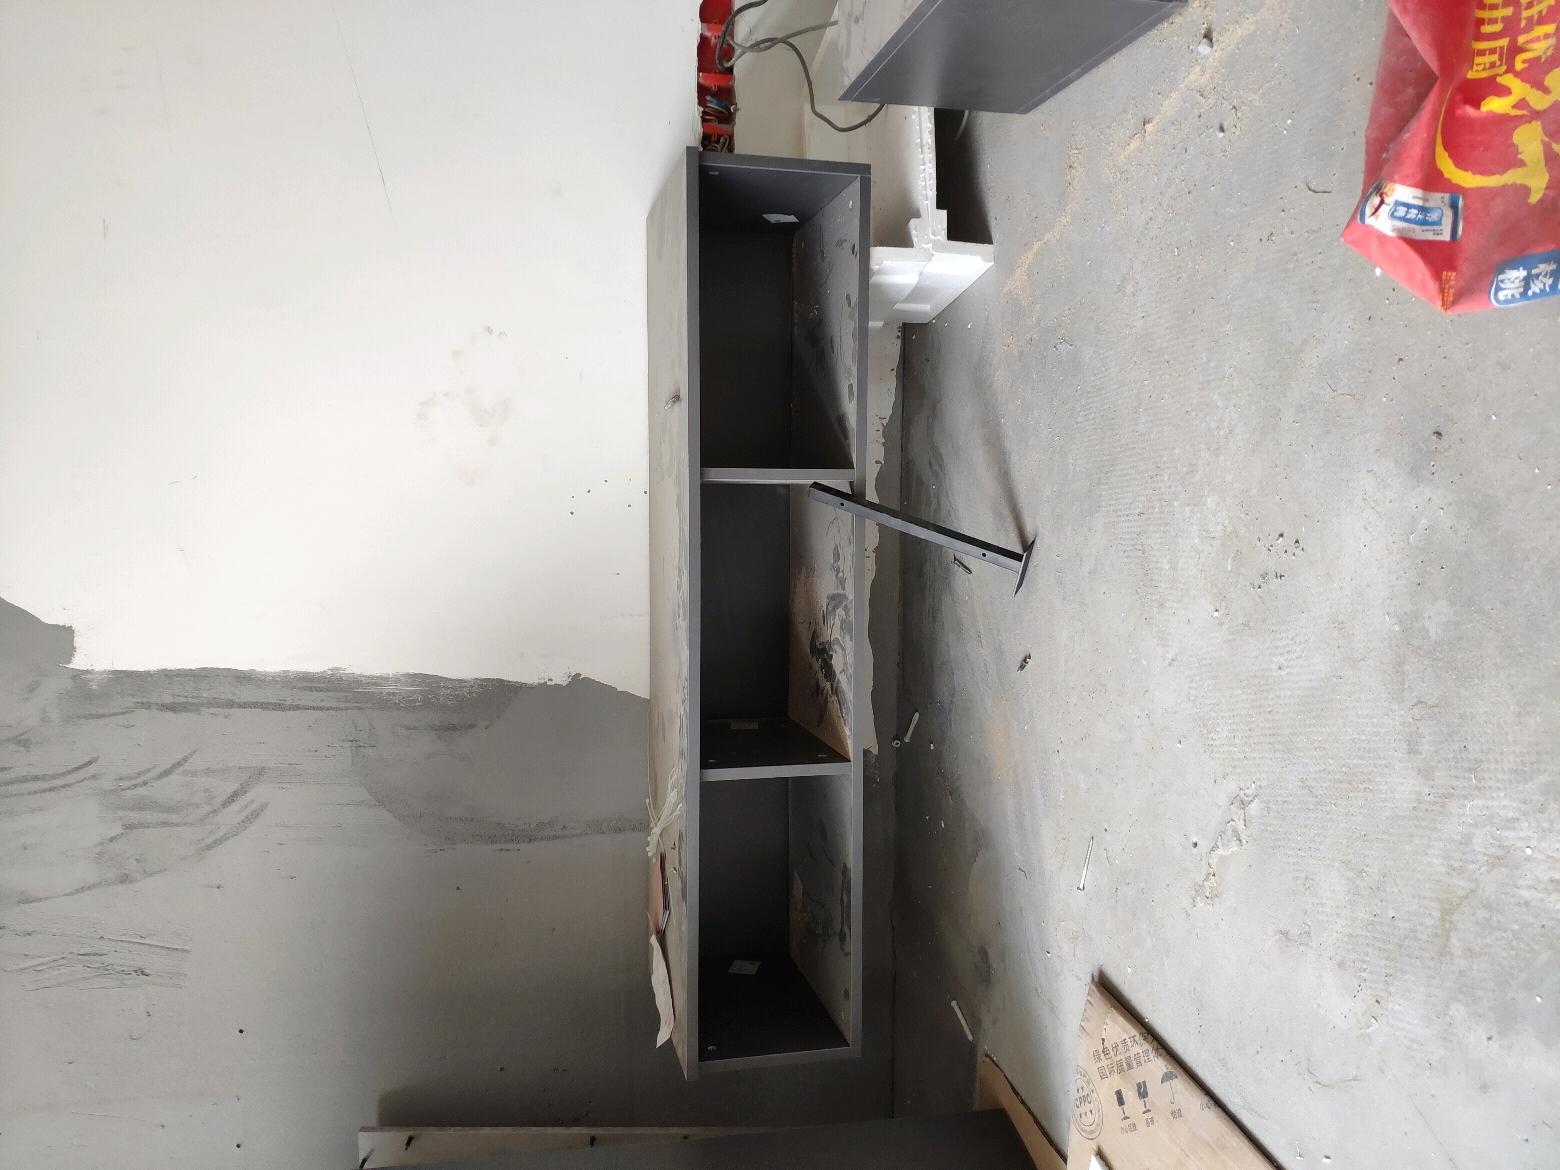 求助大神空心墙做悬挂柜怎么弄?